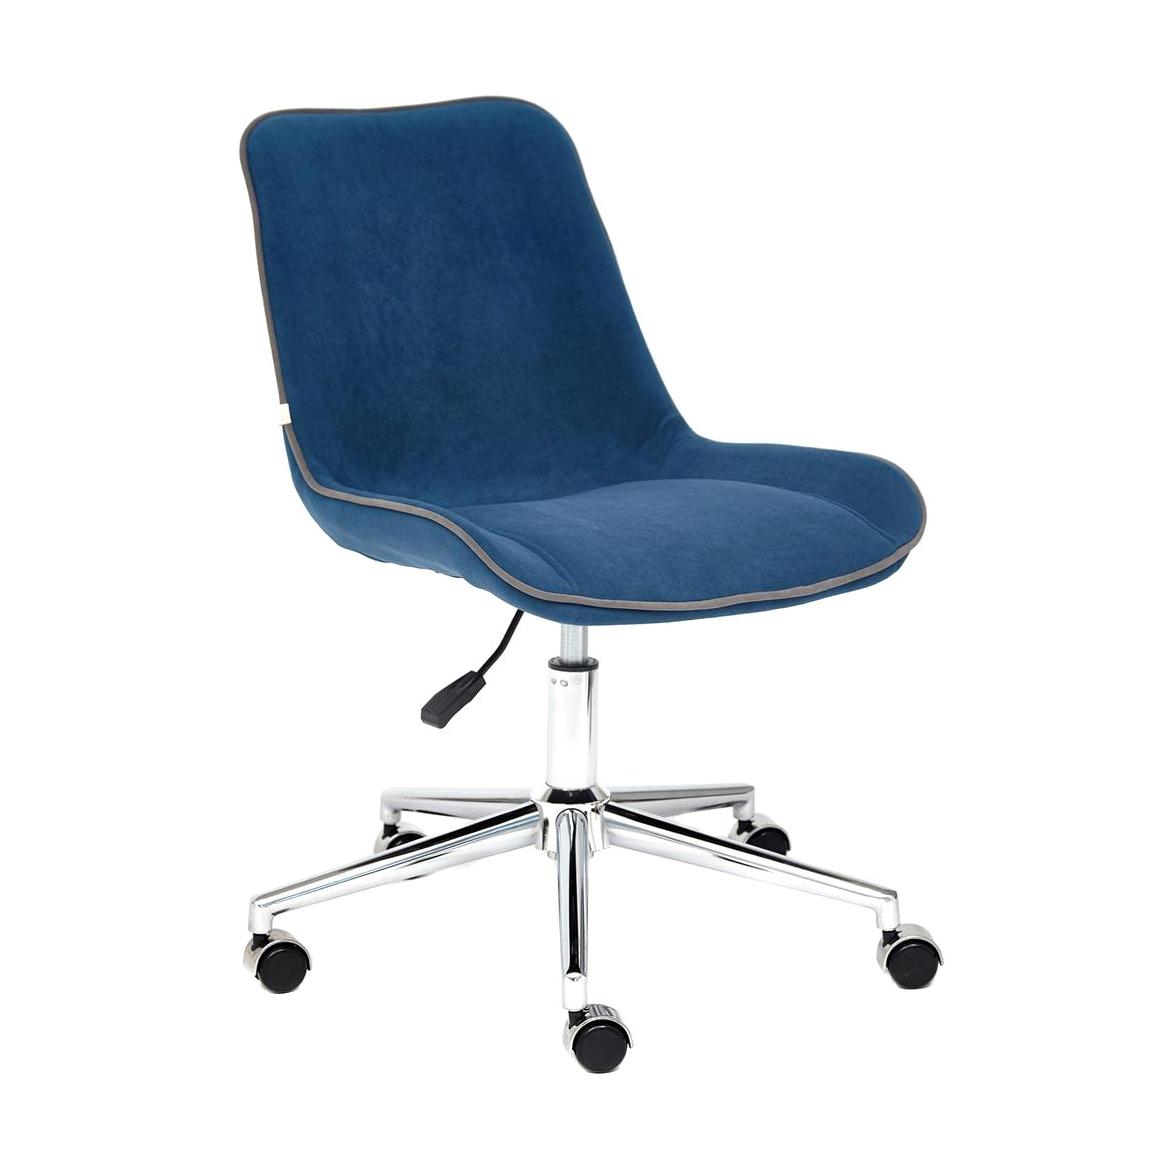 Кресло компьютерное TC синий 97х52х40 см компьютерное кресло turin компьютерное кресло